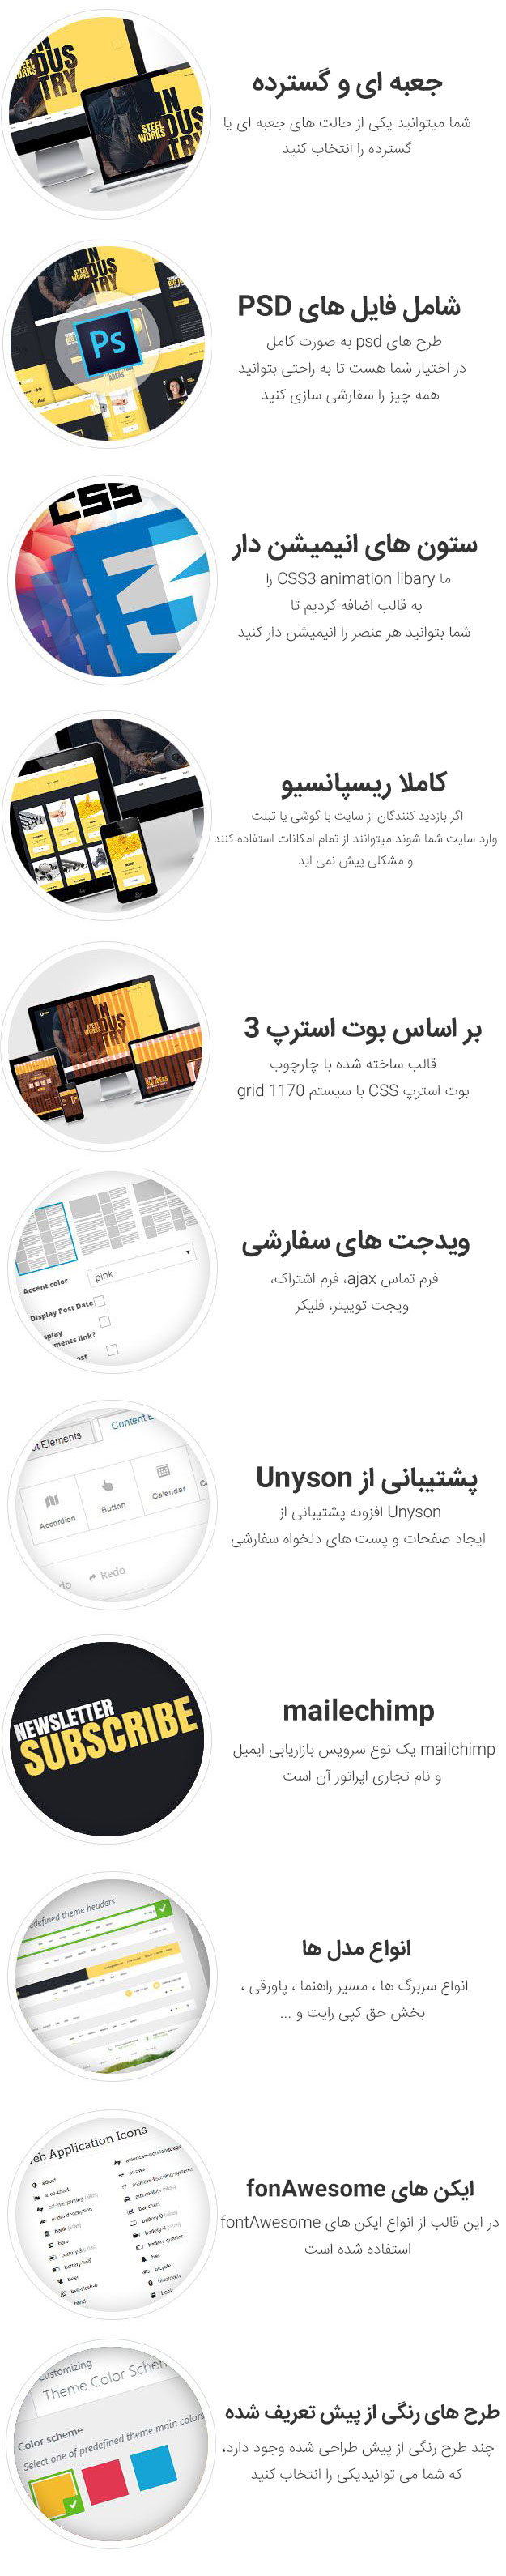 قالبinnox تم شرکتی فروشگاهی | قالب شرکتی ایناکس